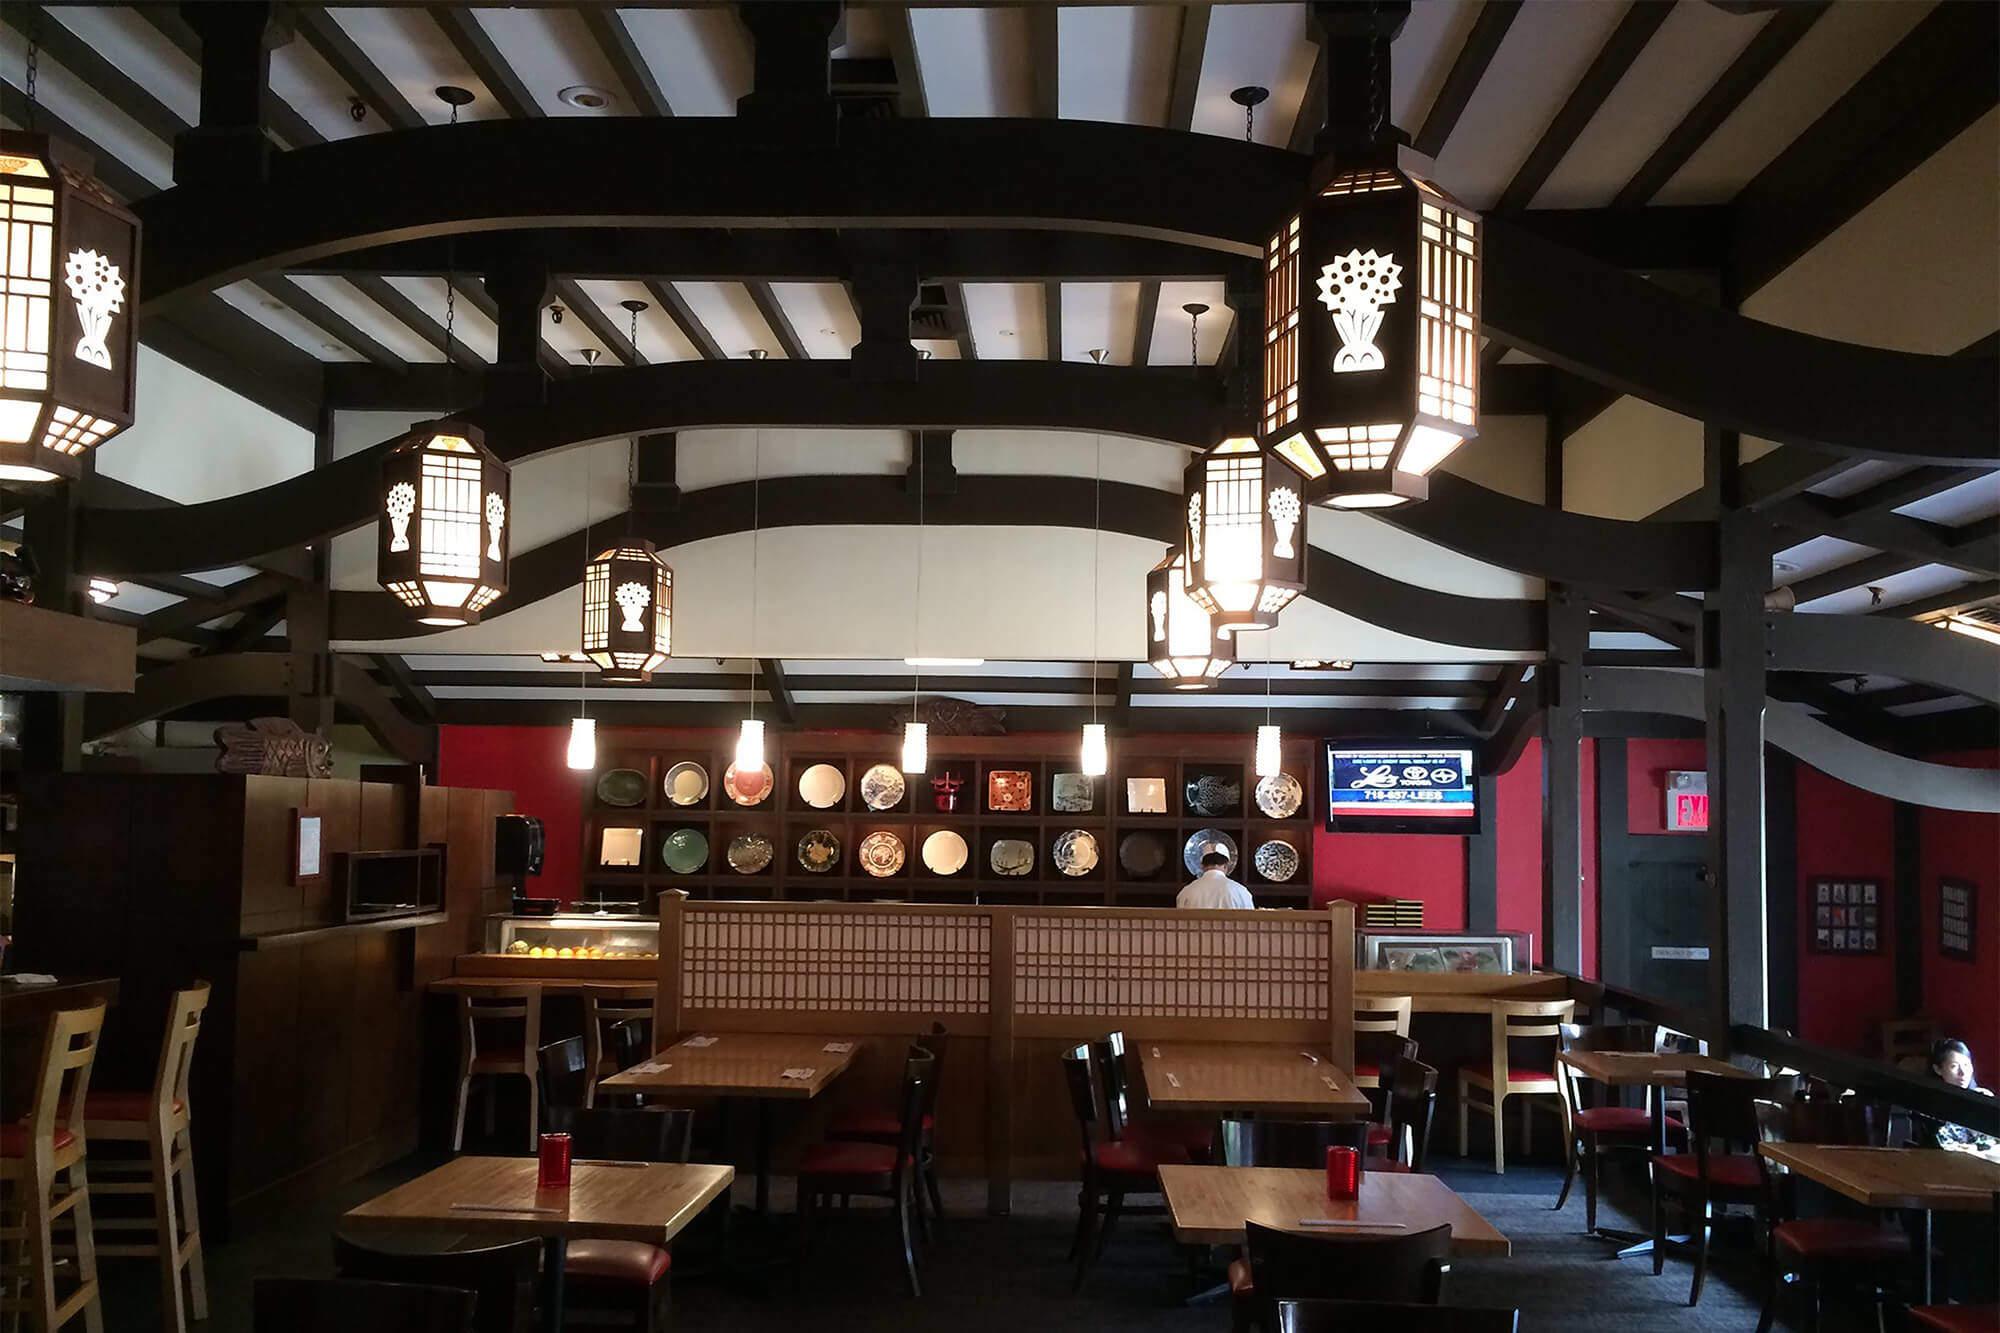 Sushi & Japanese Steakhouse | Manhasset, NY Restaurant ...  Sushi & Japanes...